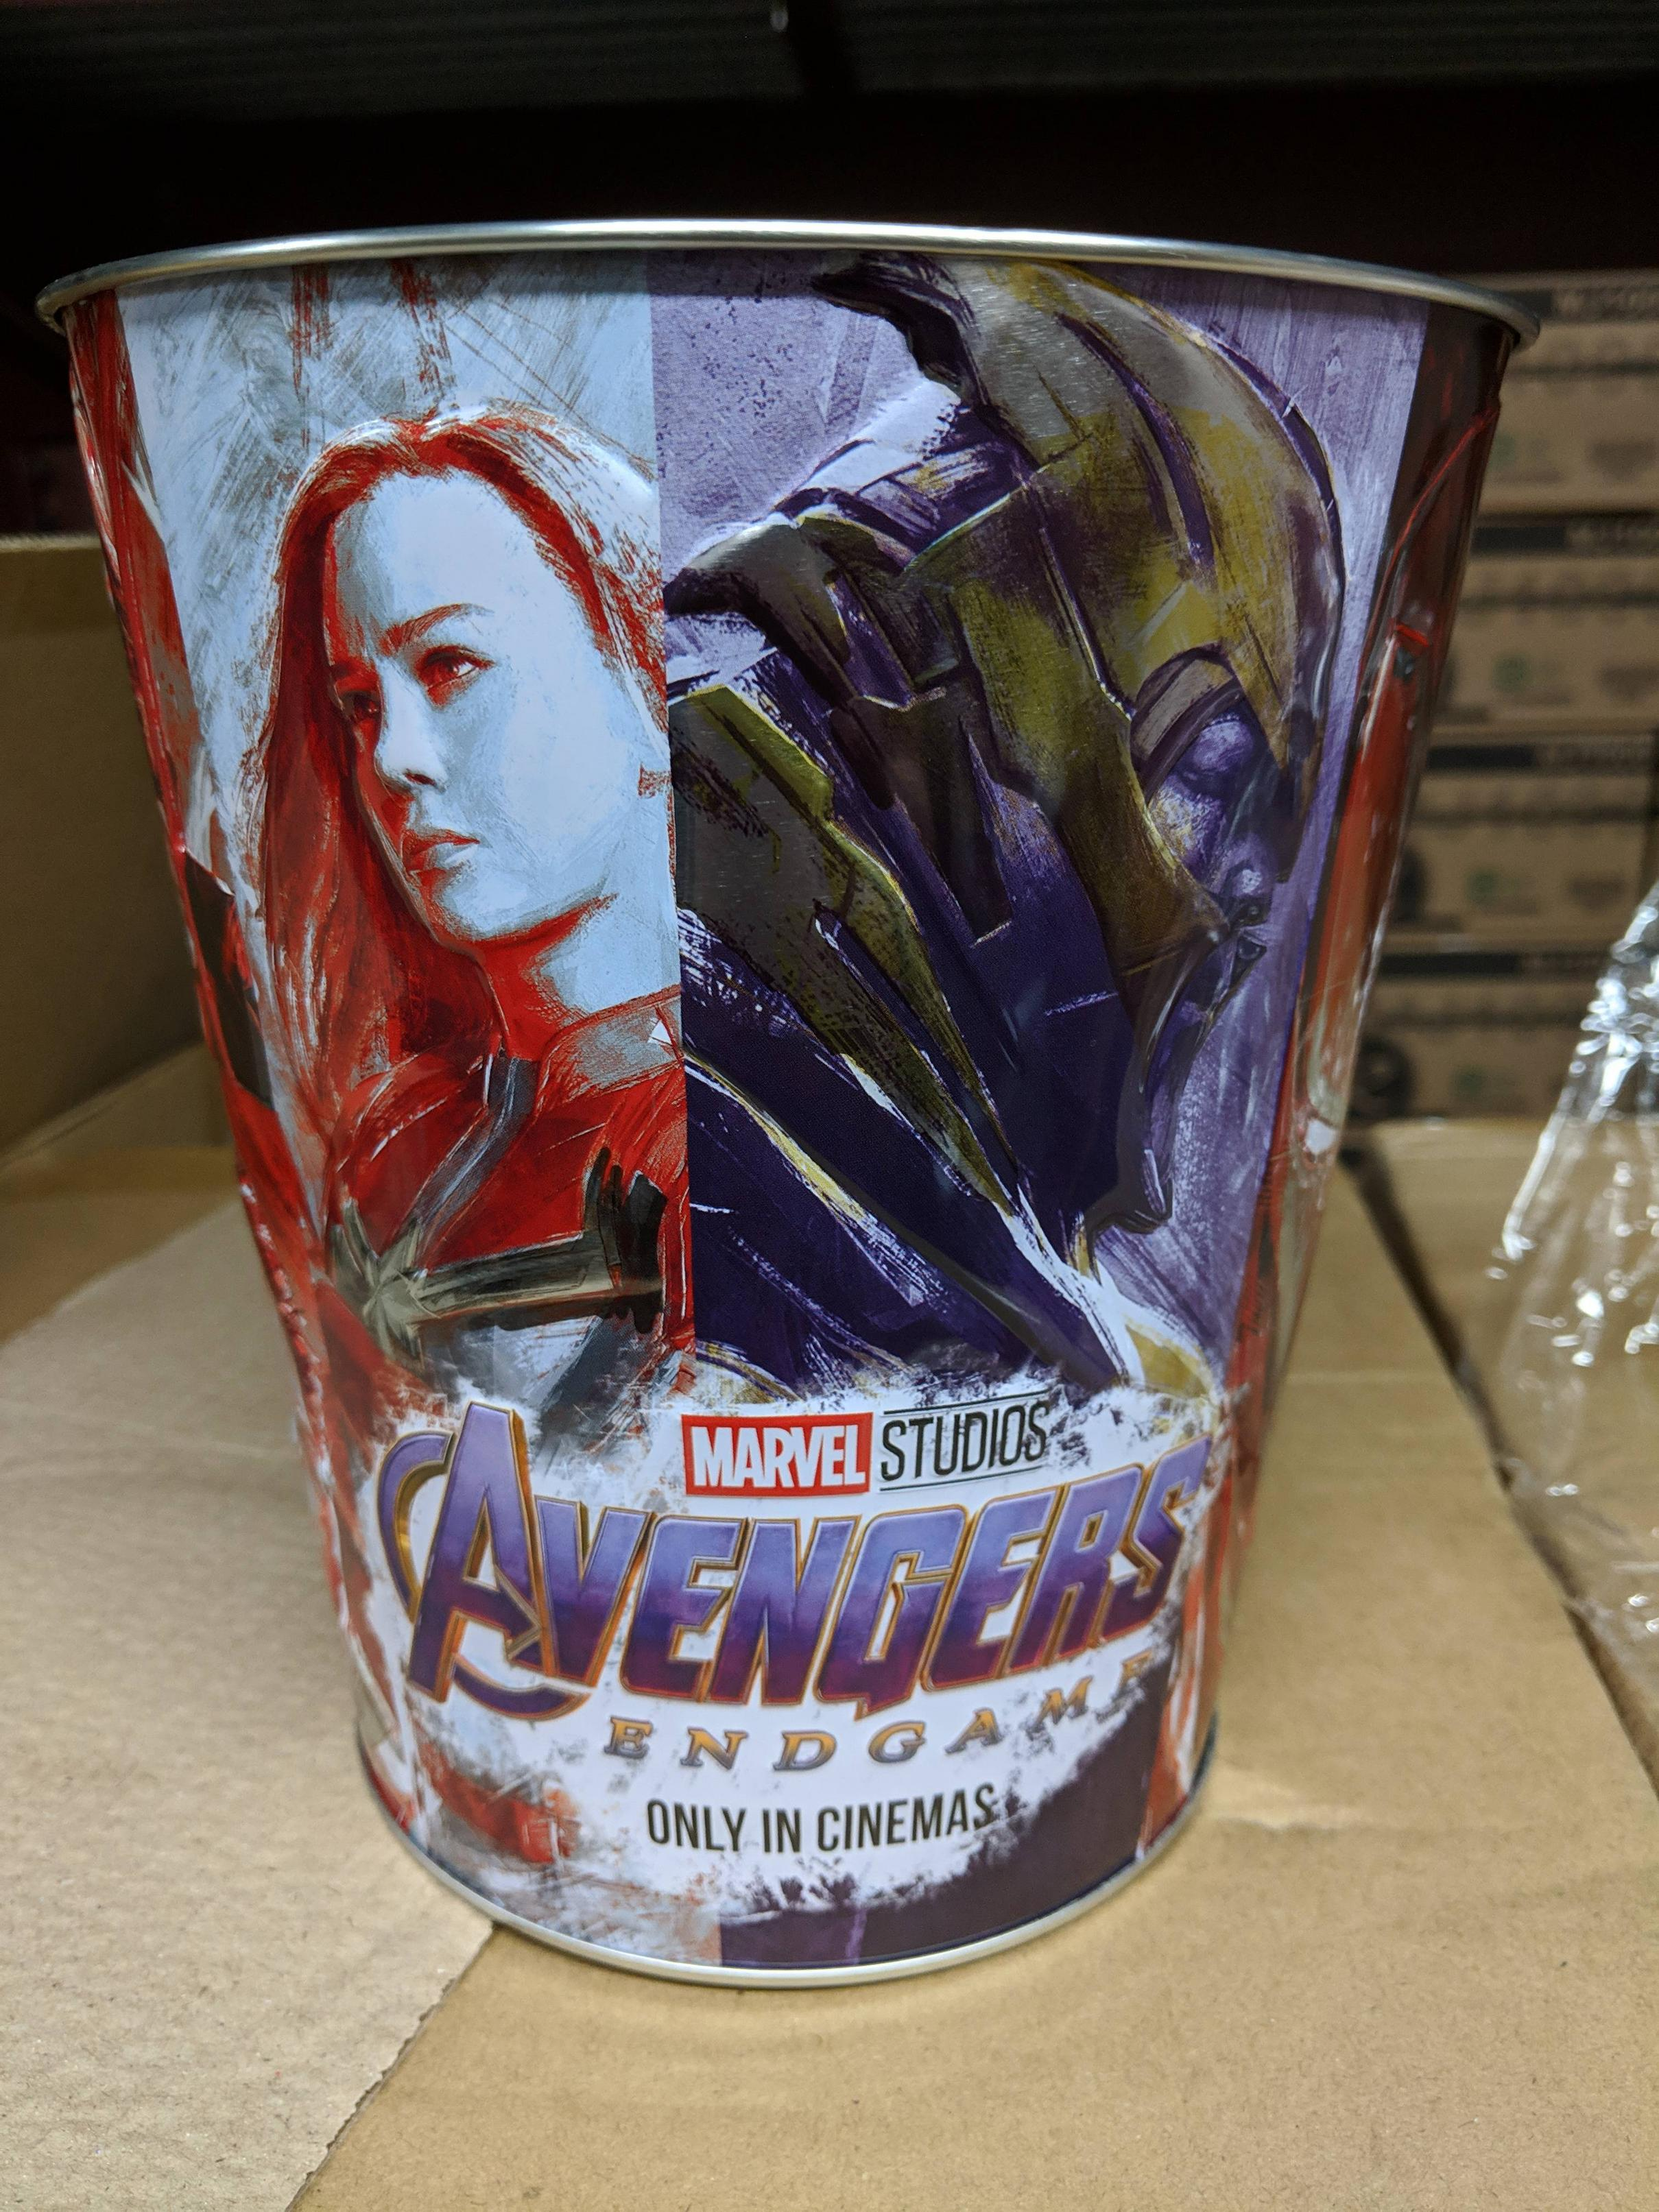 Avengers: Endgame, un oggetto dedicato al film